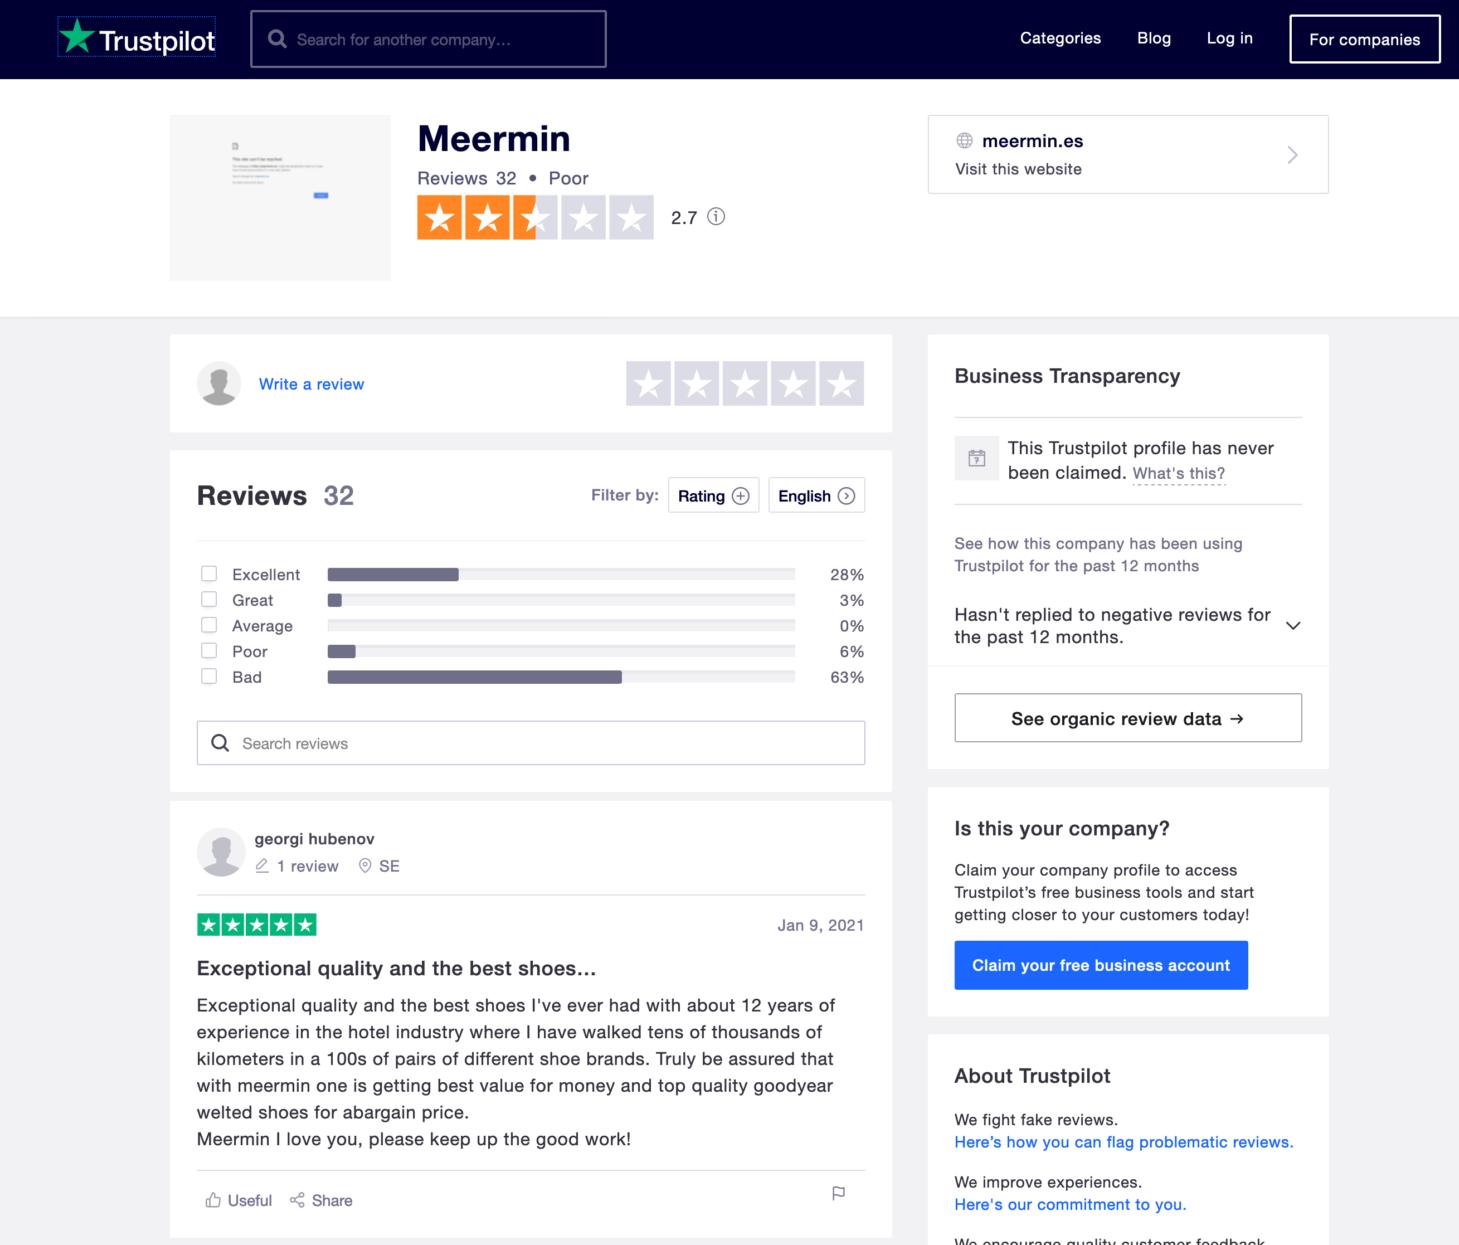 La réputation de Meermin sur internet est pour le moins polarisante. Qui croire? Les 63% d'avis négatifs ou les 28% d'avis dithyrambiques? Je suis prêt à parier que les 63% ont eu affaire au service client de la marque. (Source: Trustpilot)